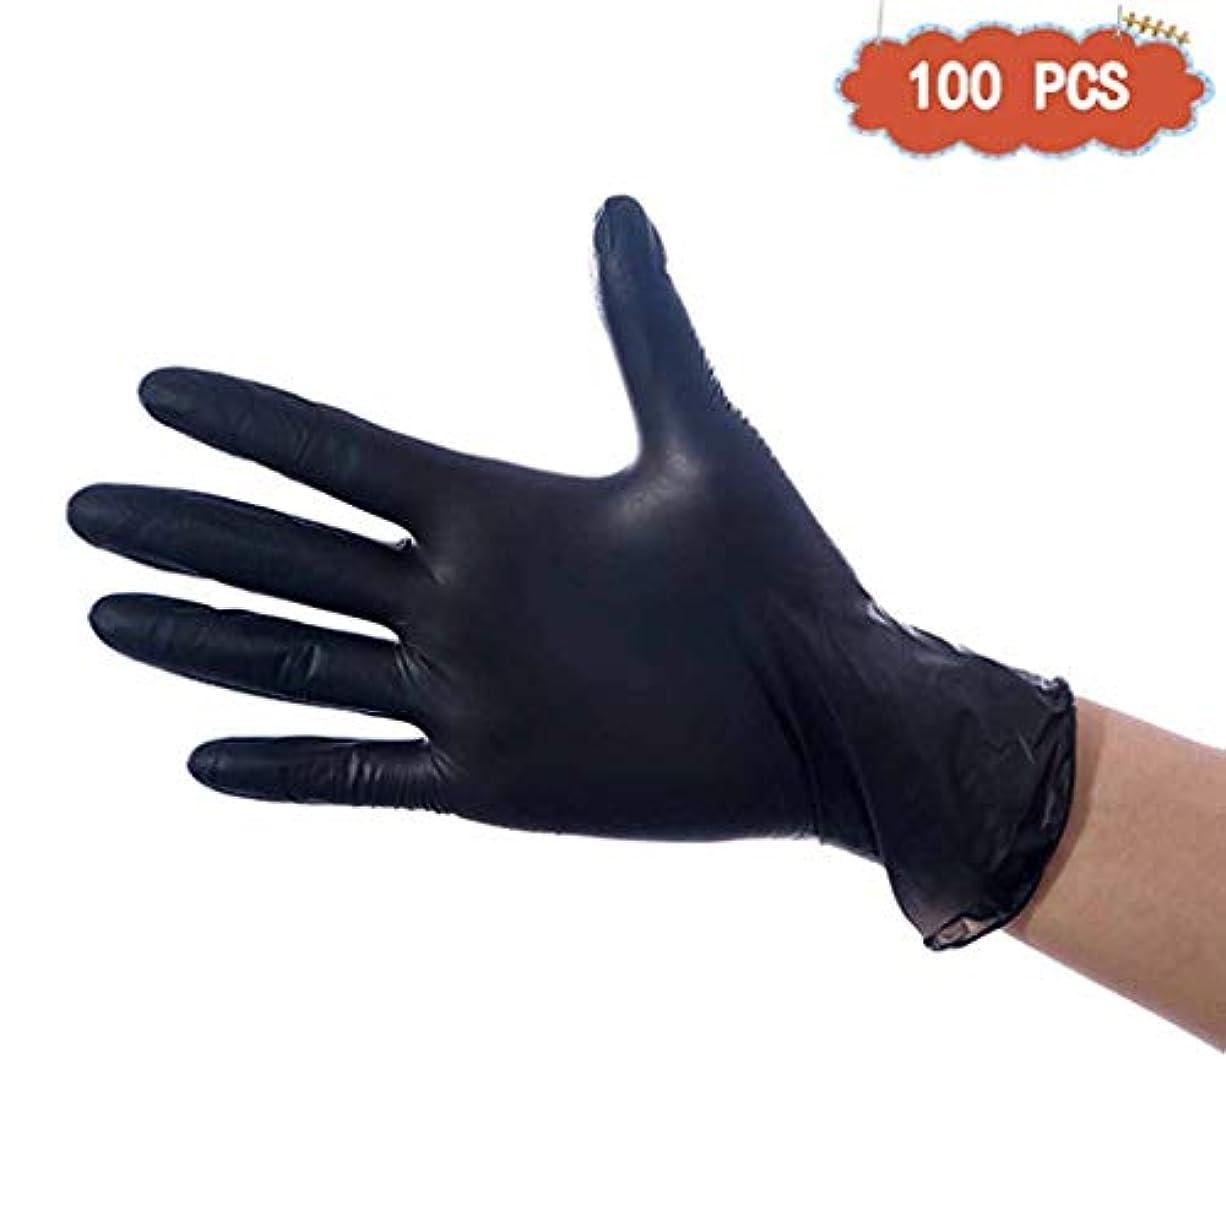 拡散する帆道路を作るプロセスニトリル手袋手袋9インチネイルアートブラックニトリル保護手袋キッチンシェフオイルラテックスフリー、パウダーフリー、100個 (Size : M)